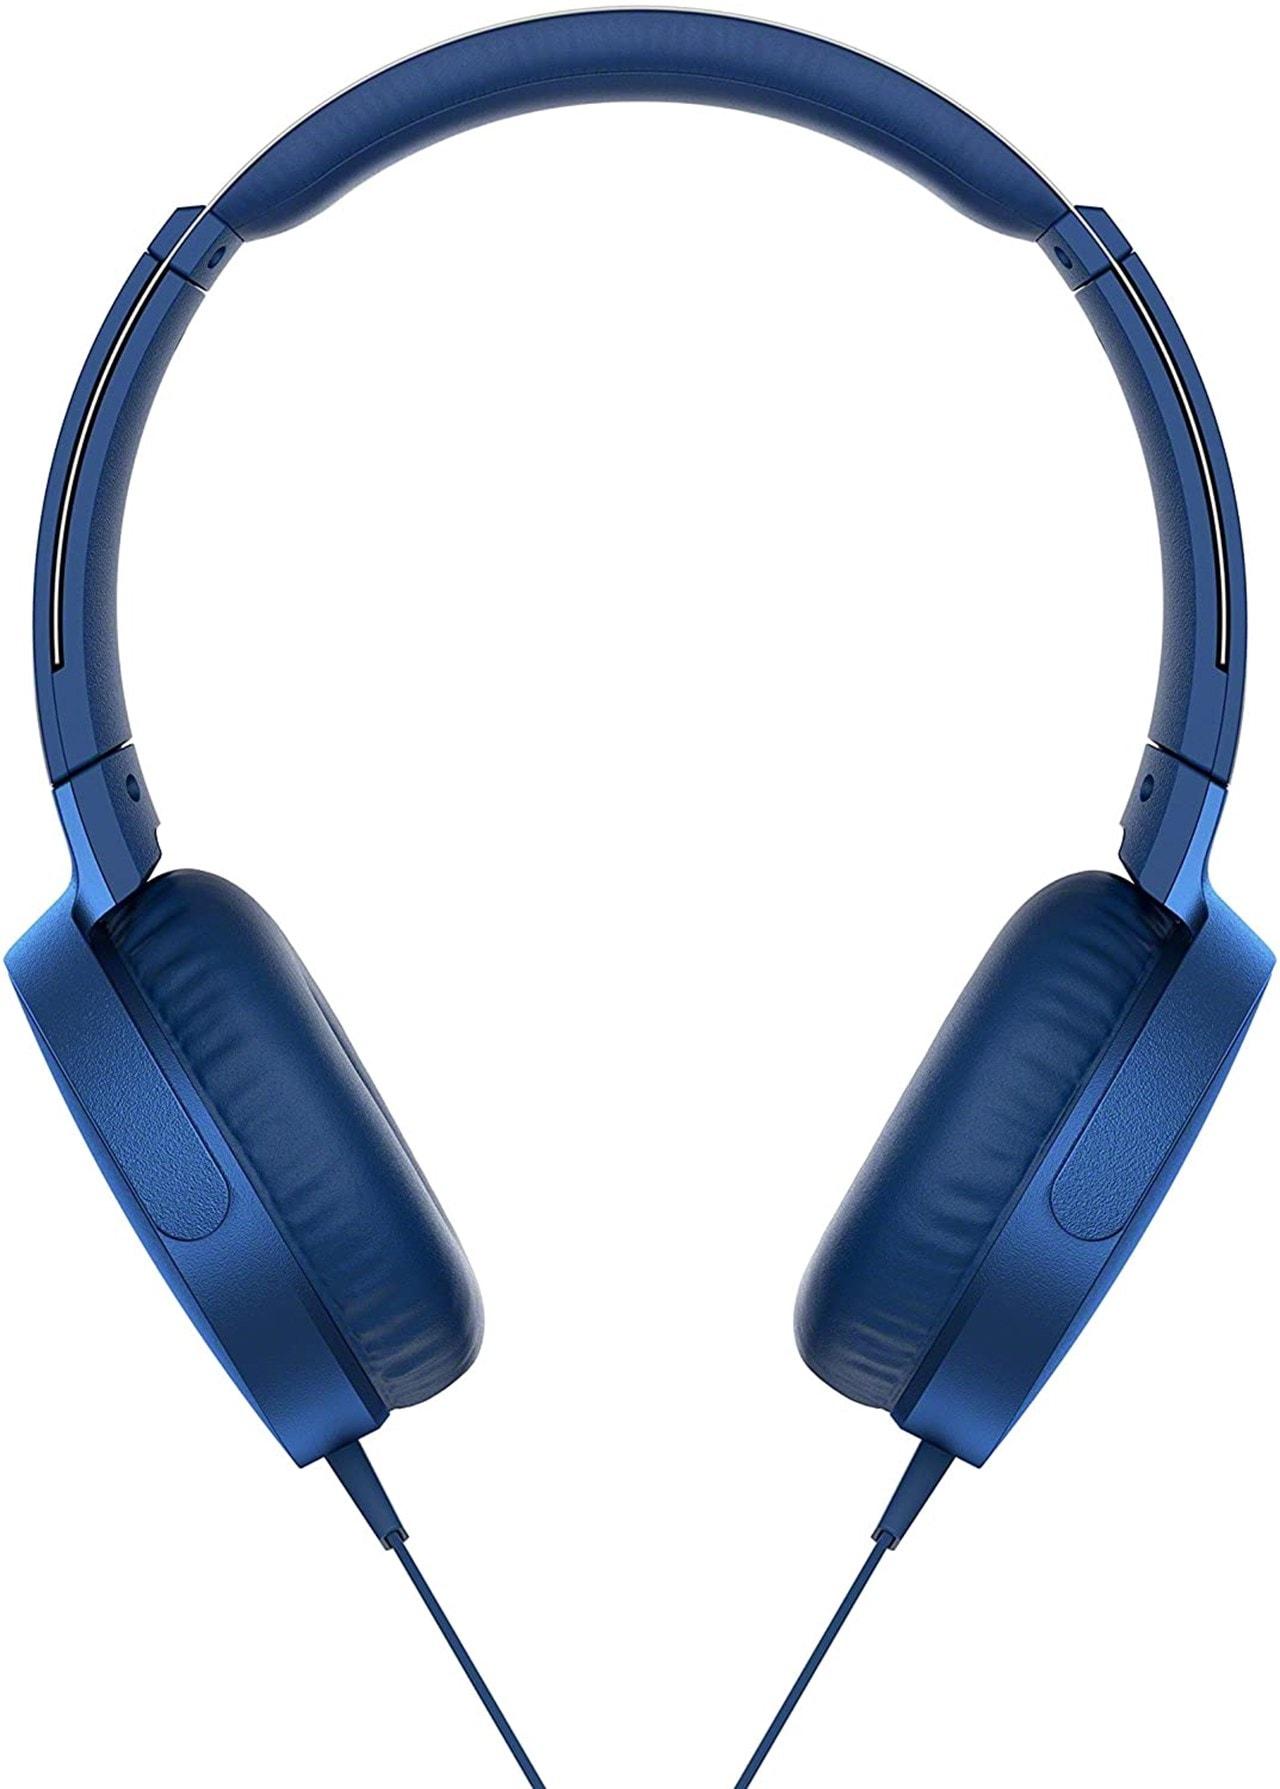 Sony XB550AP Blue Extra Bass Headphones - 2